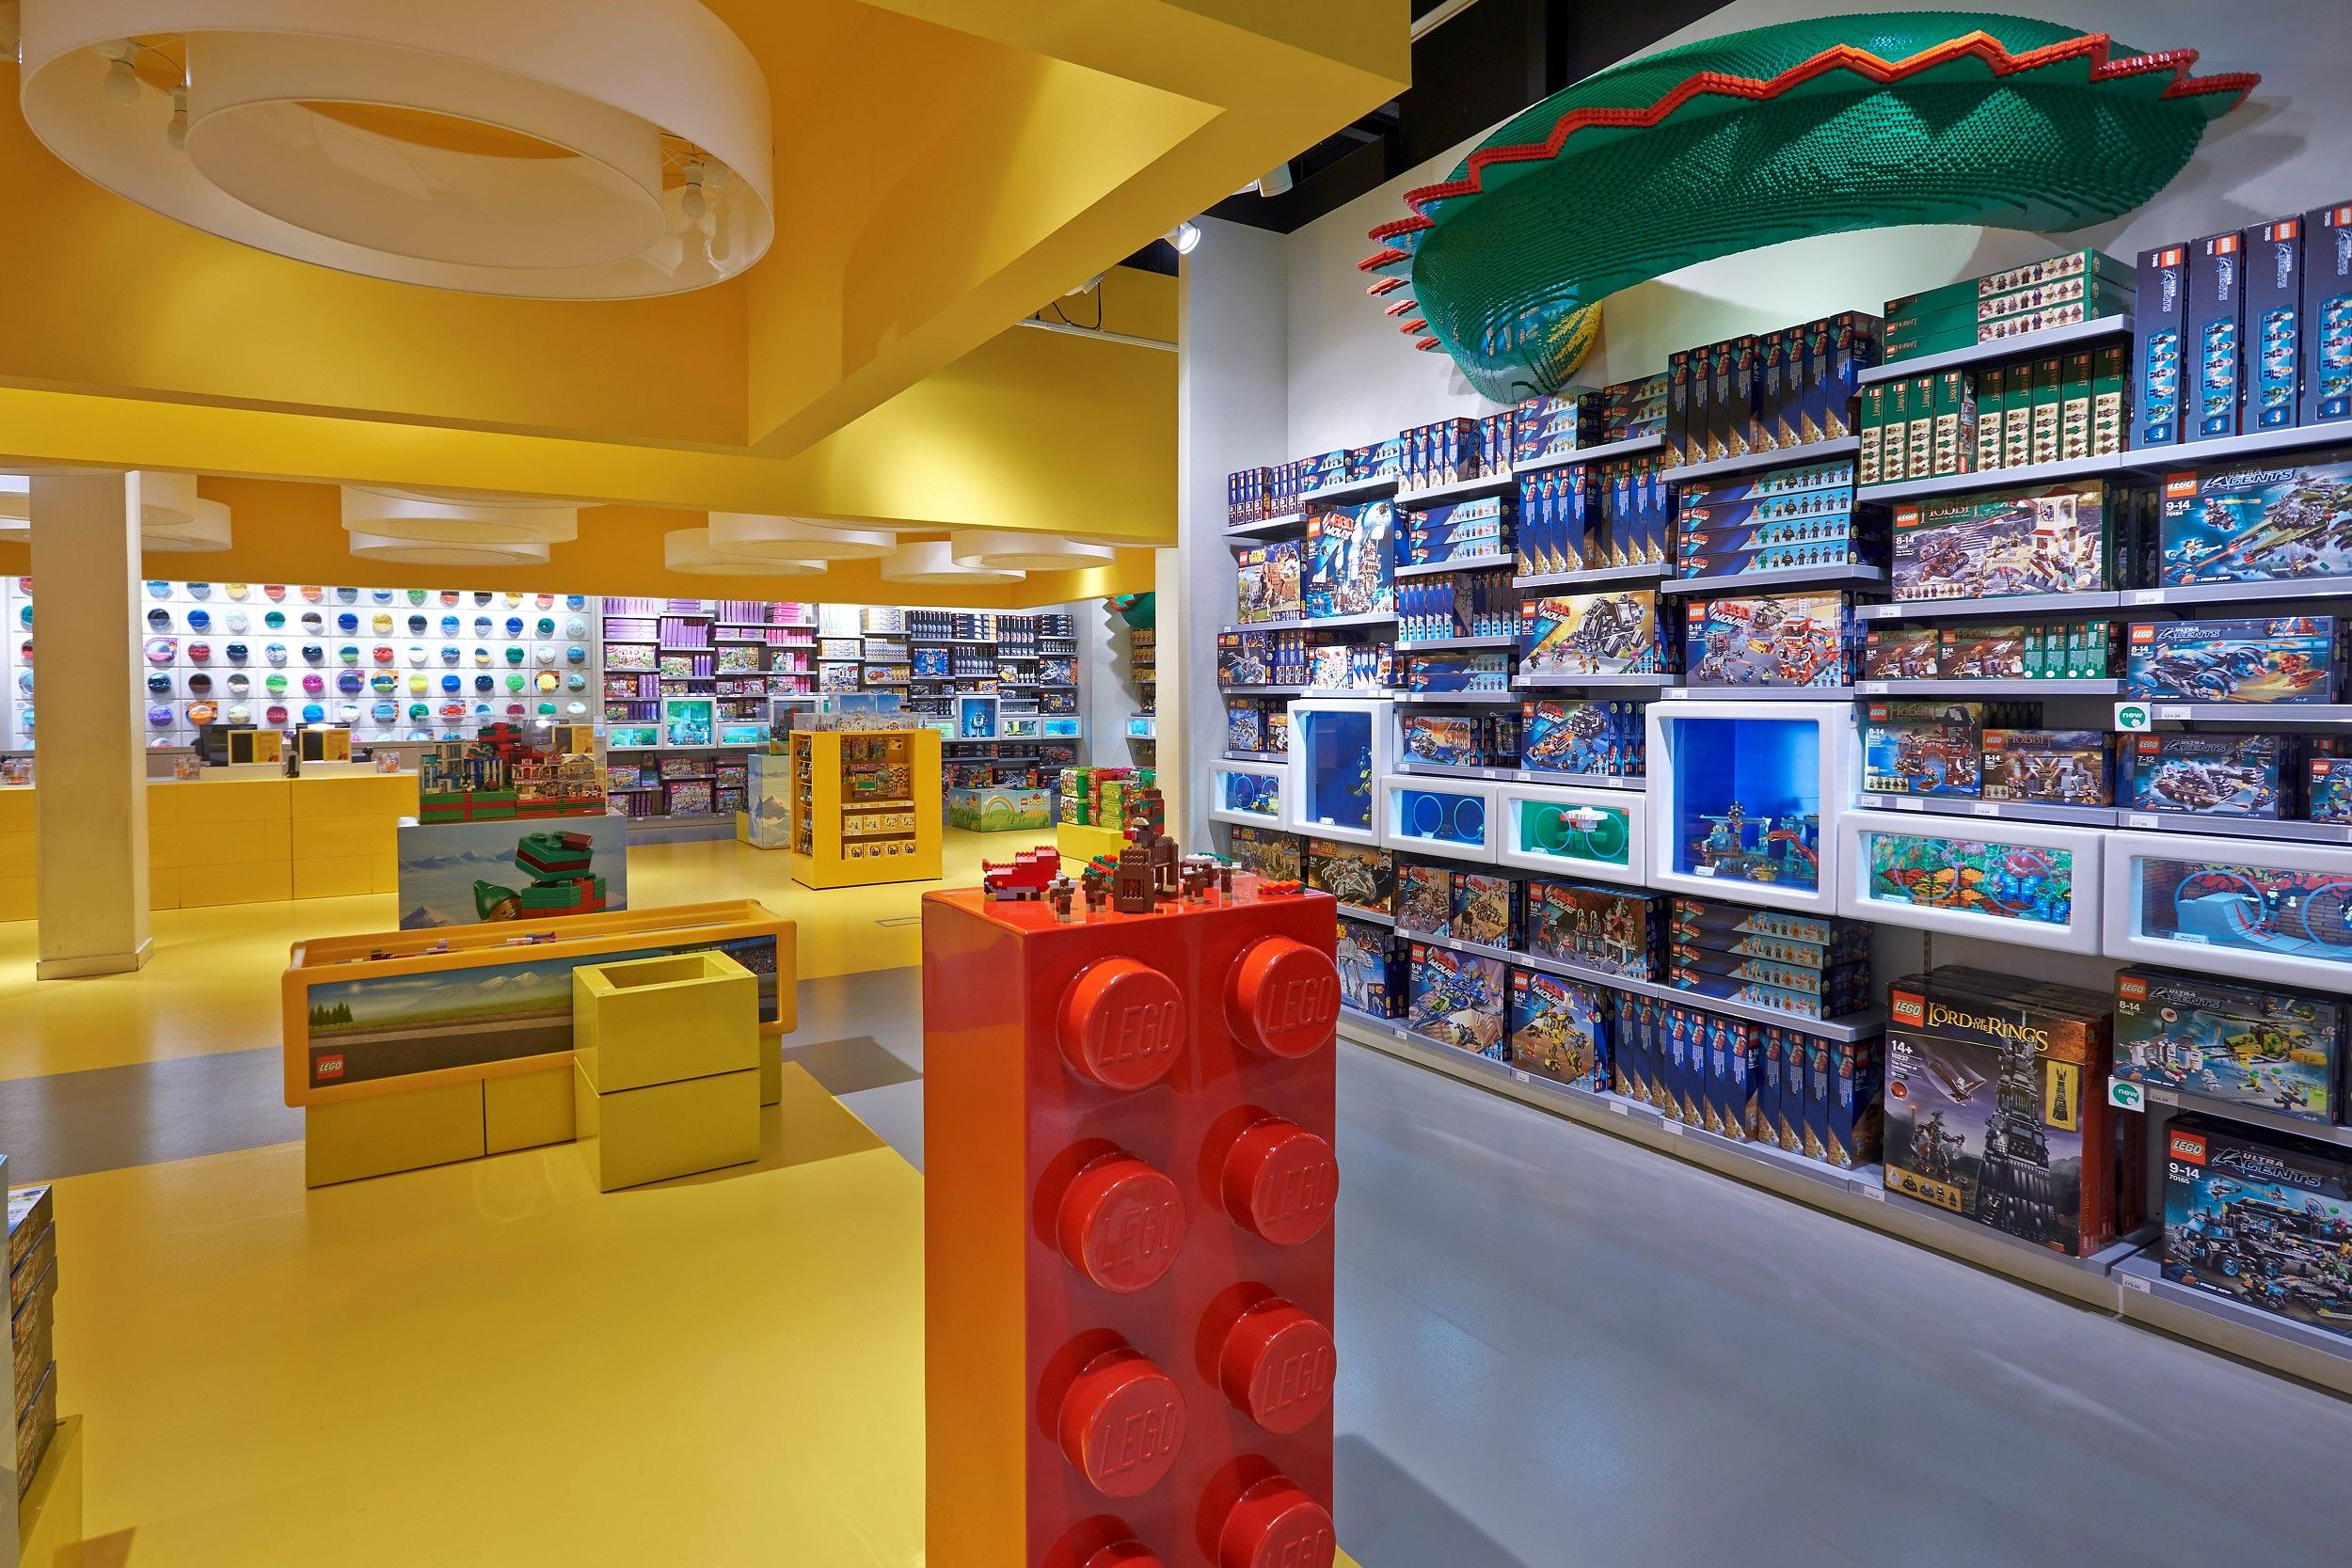 Innenarchitektur eines Legoladen im Bluewater Einkaufszentrum in Dartford in England.